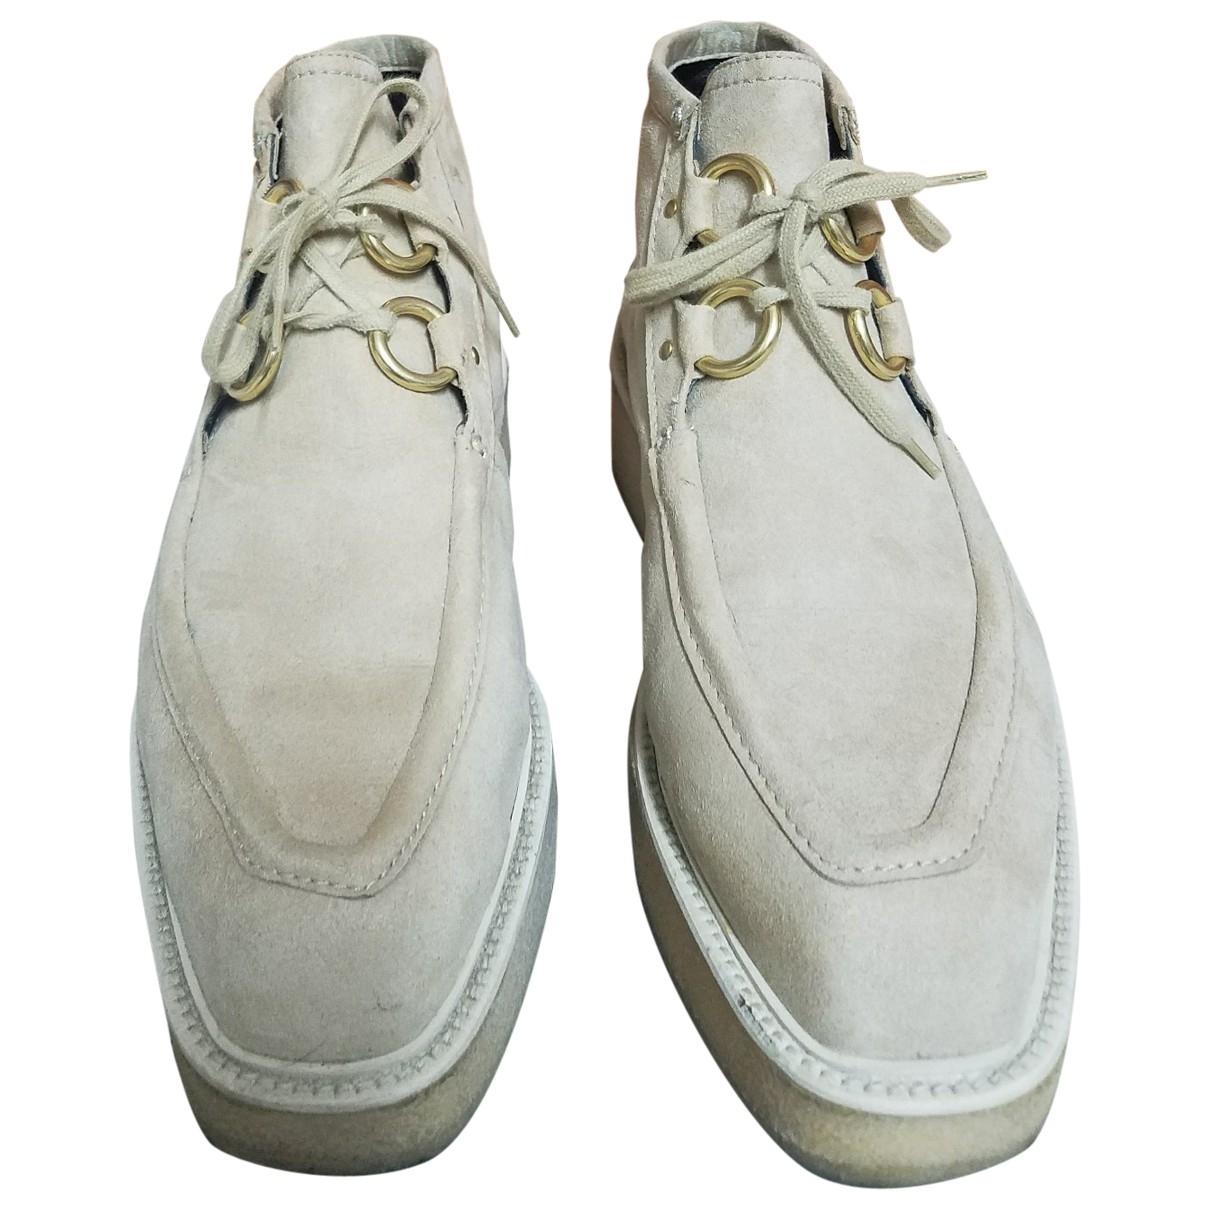 Stella Mccartney - Boots   pour femme en toile - beige